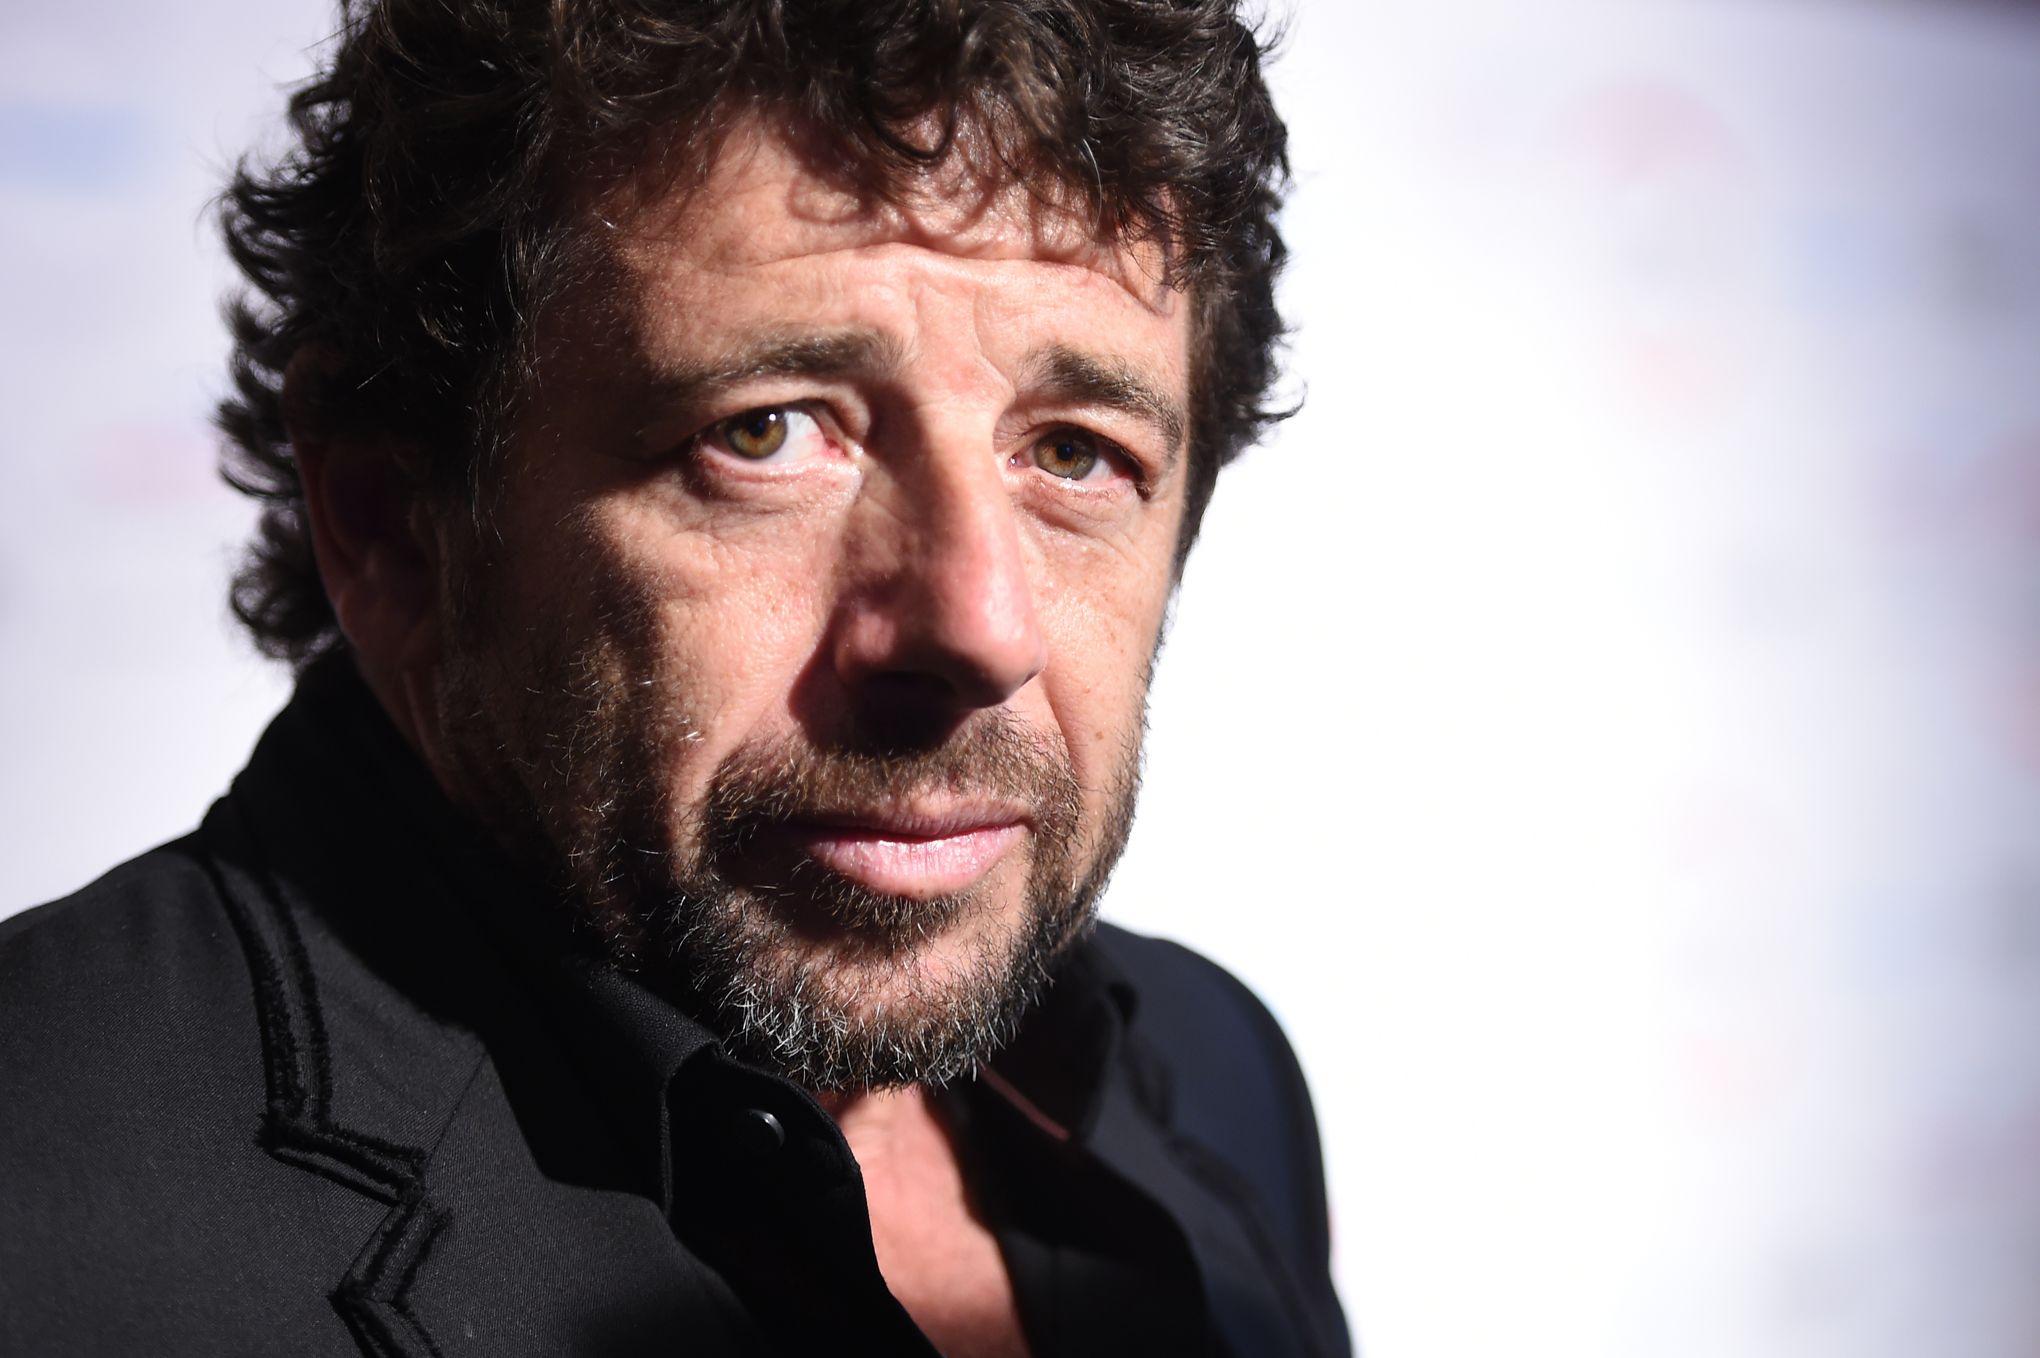 Accusé d'«exhibition sexuelle et de harcèlement», Patrick Bruel annule son voyage au Québec